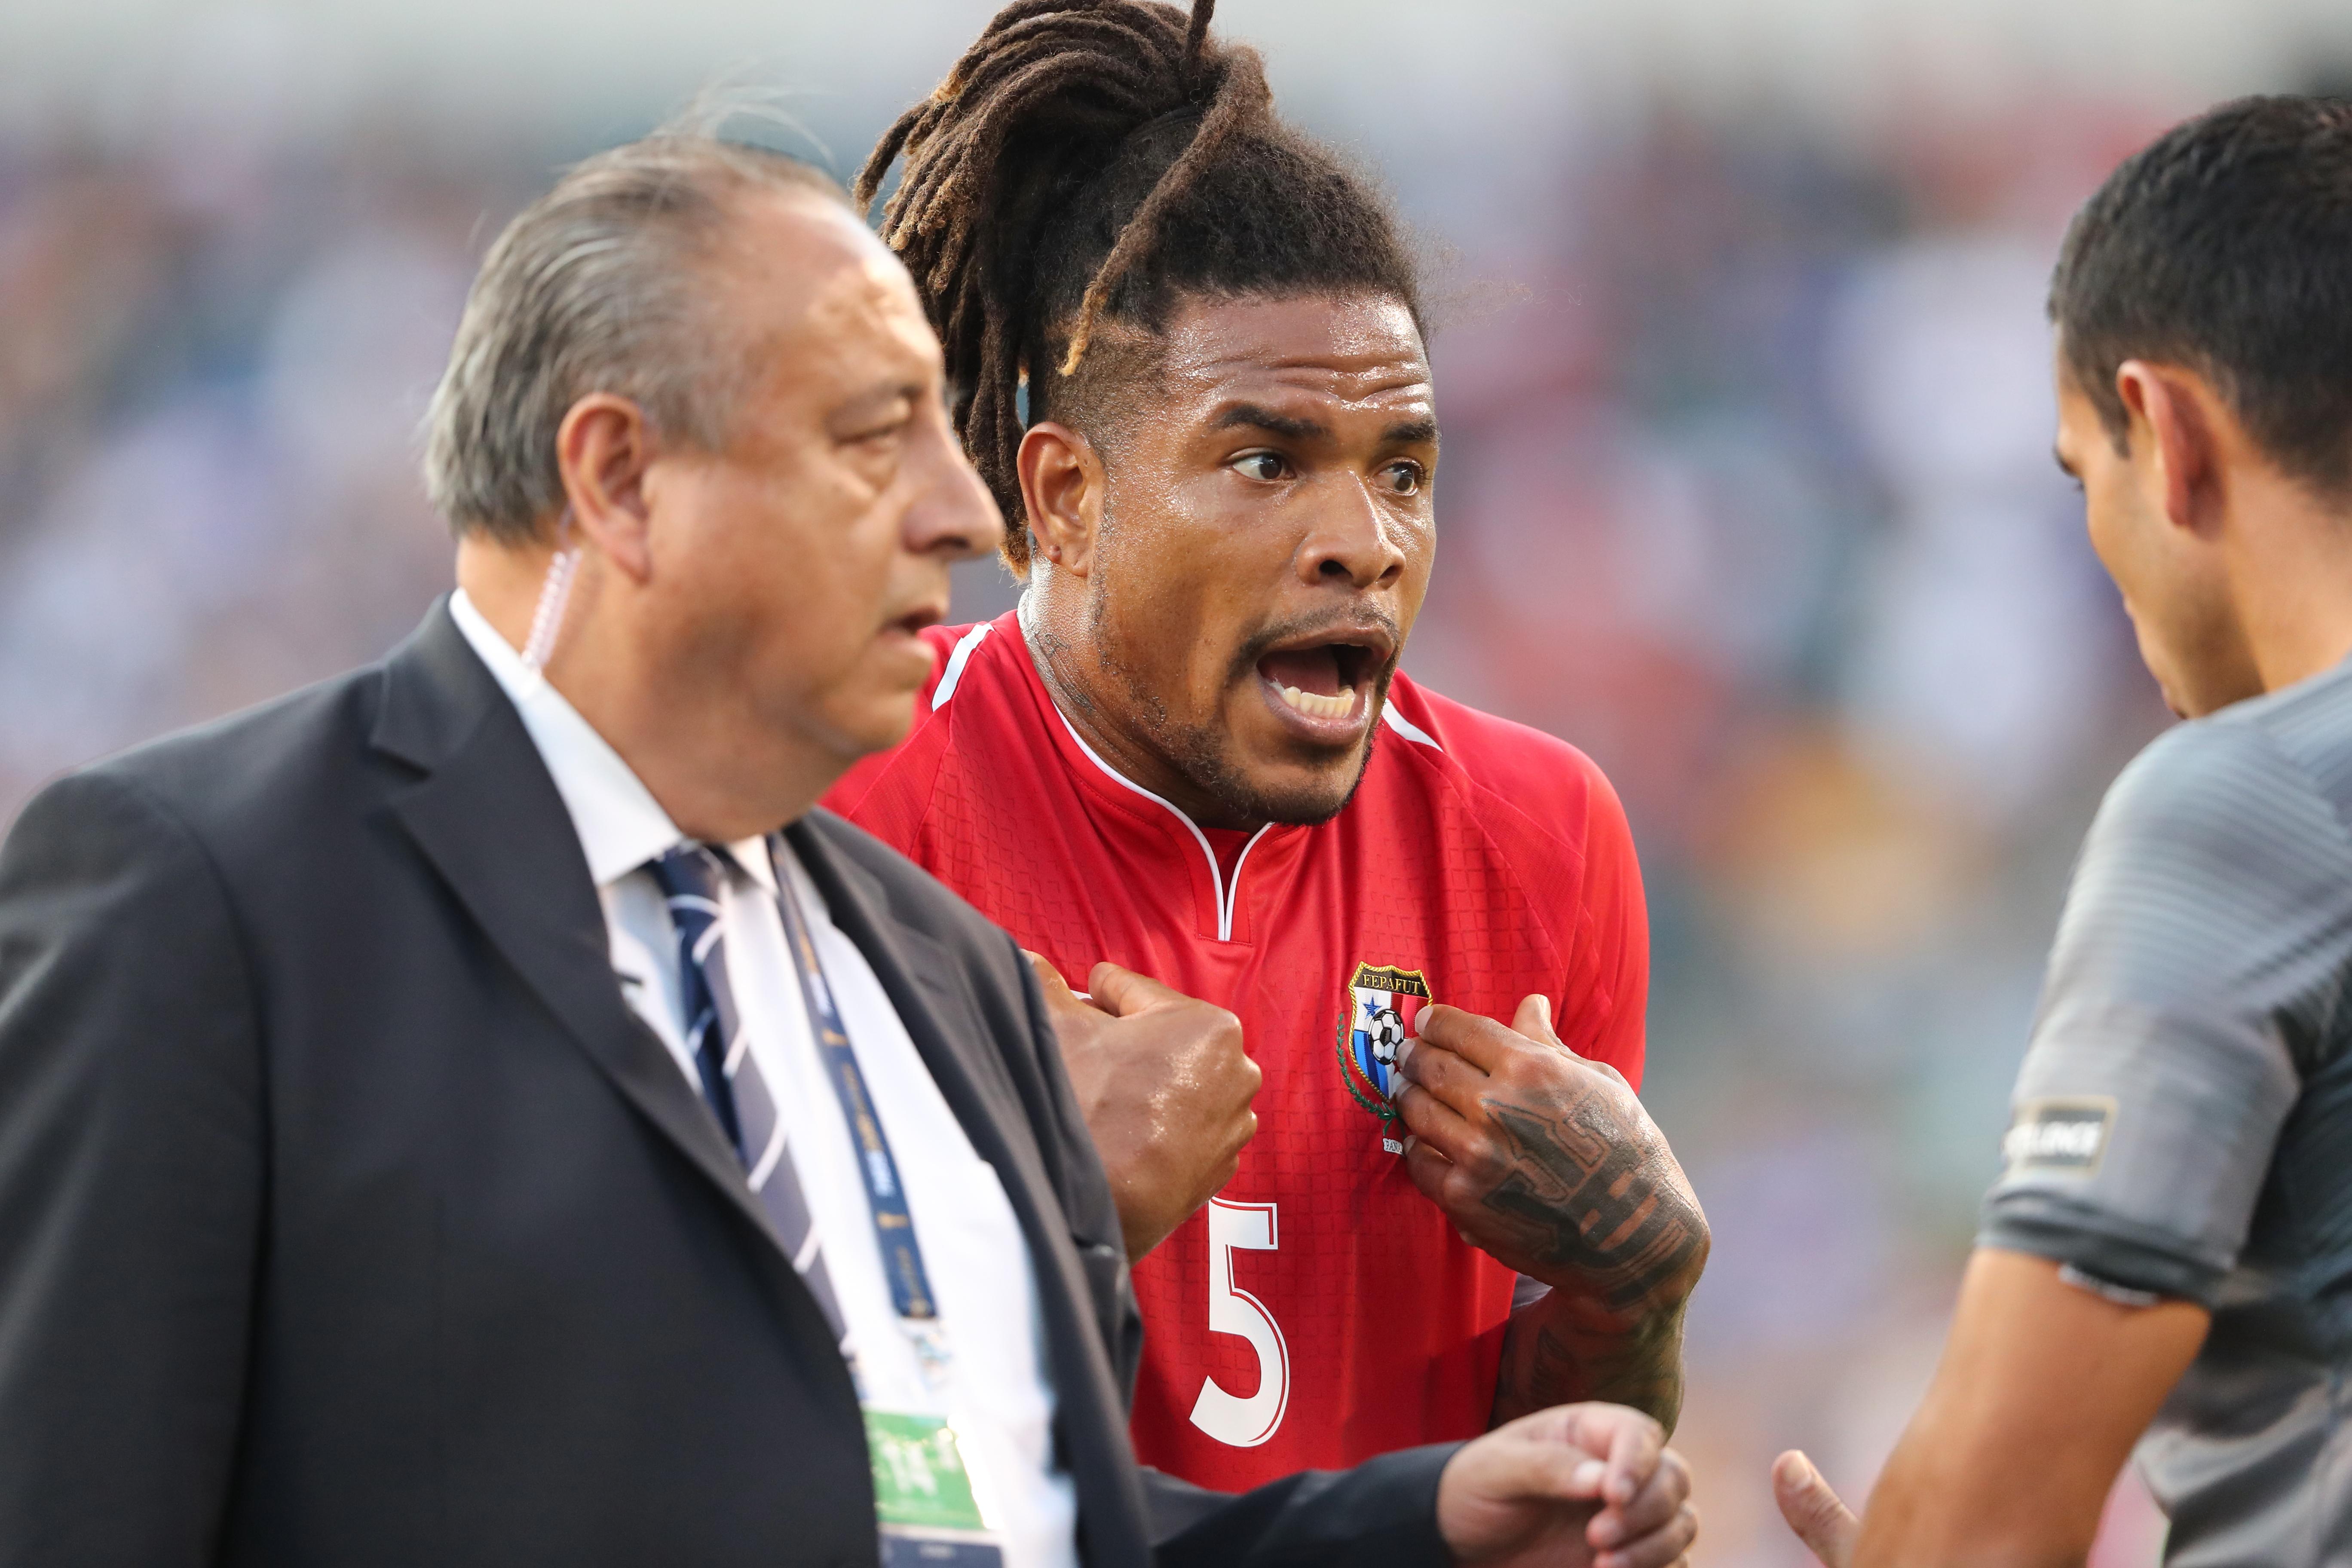 牙买加v巴拿马:四分之一决赛 -  2019 CONCACAF金杯赛